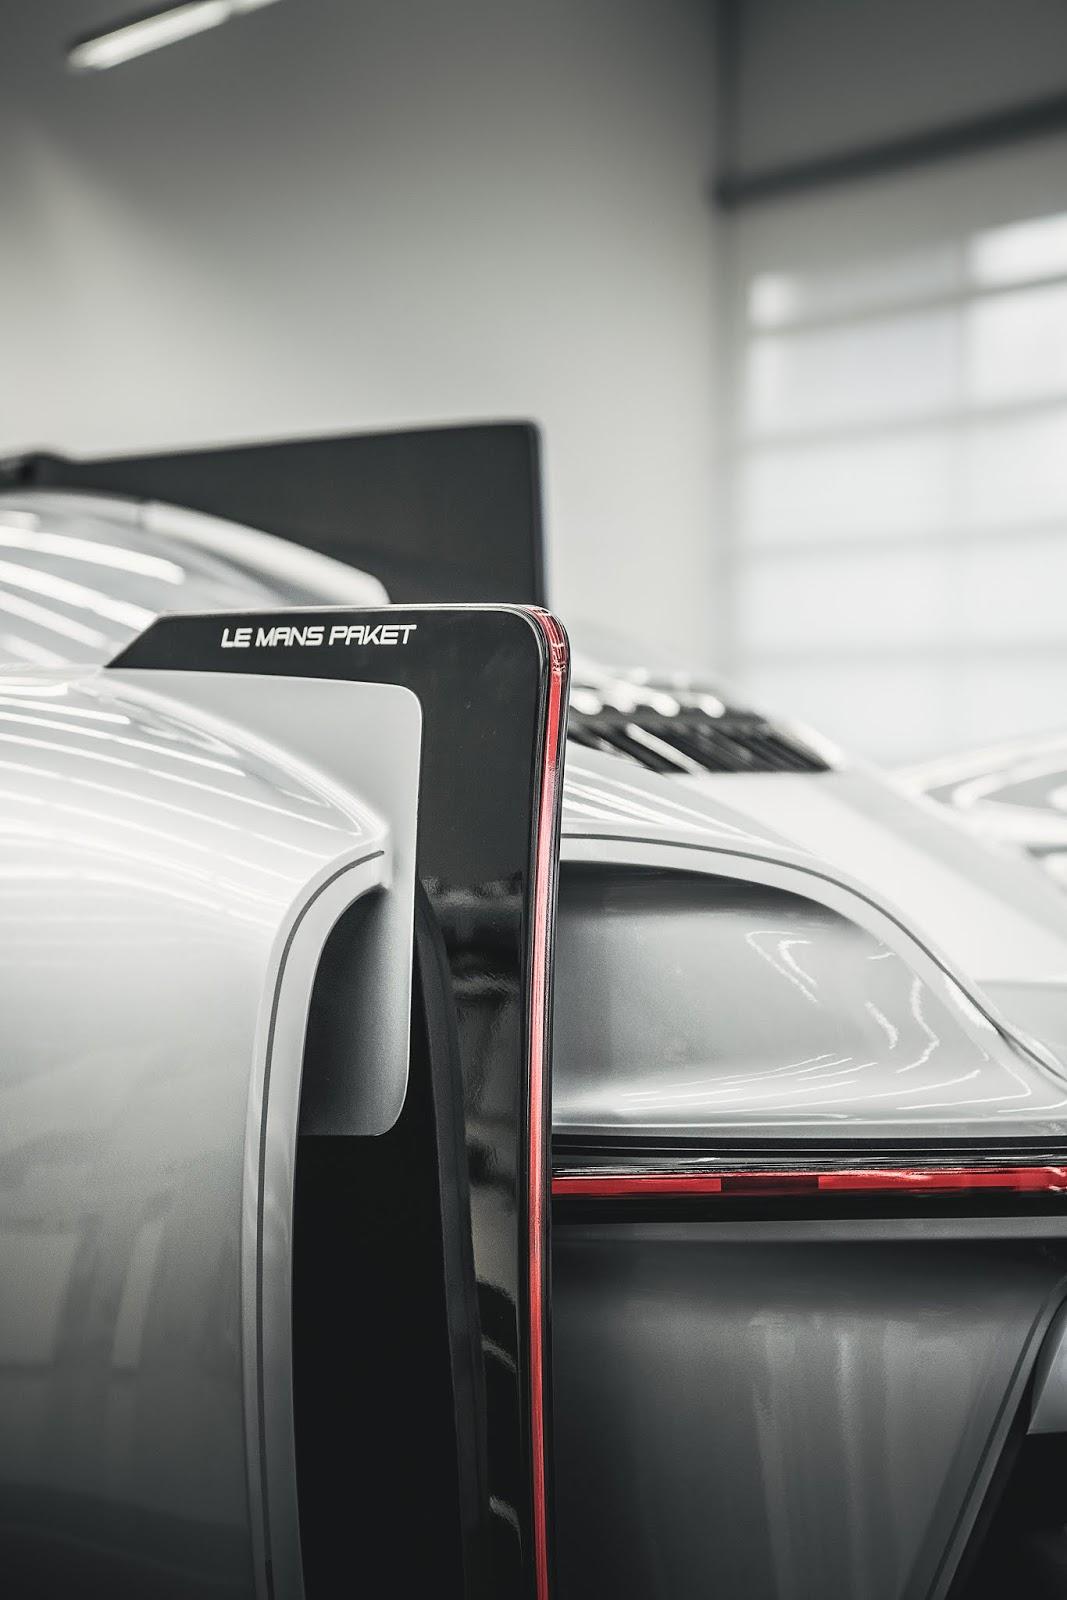 CUR7514 Τα άγνωστα Hypercars της Porsche hypercar, Porsche, Porsche Unseen, Sunday, supercar, supercars, zblog, ειδήσεις